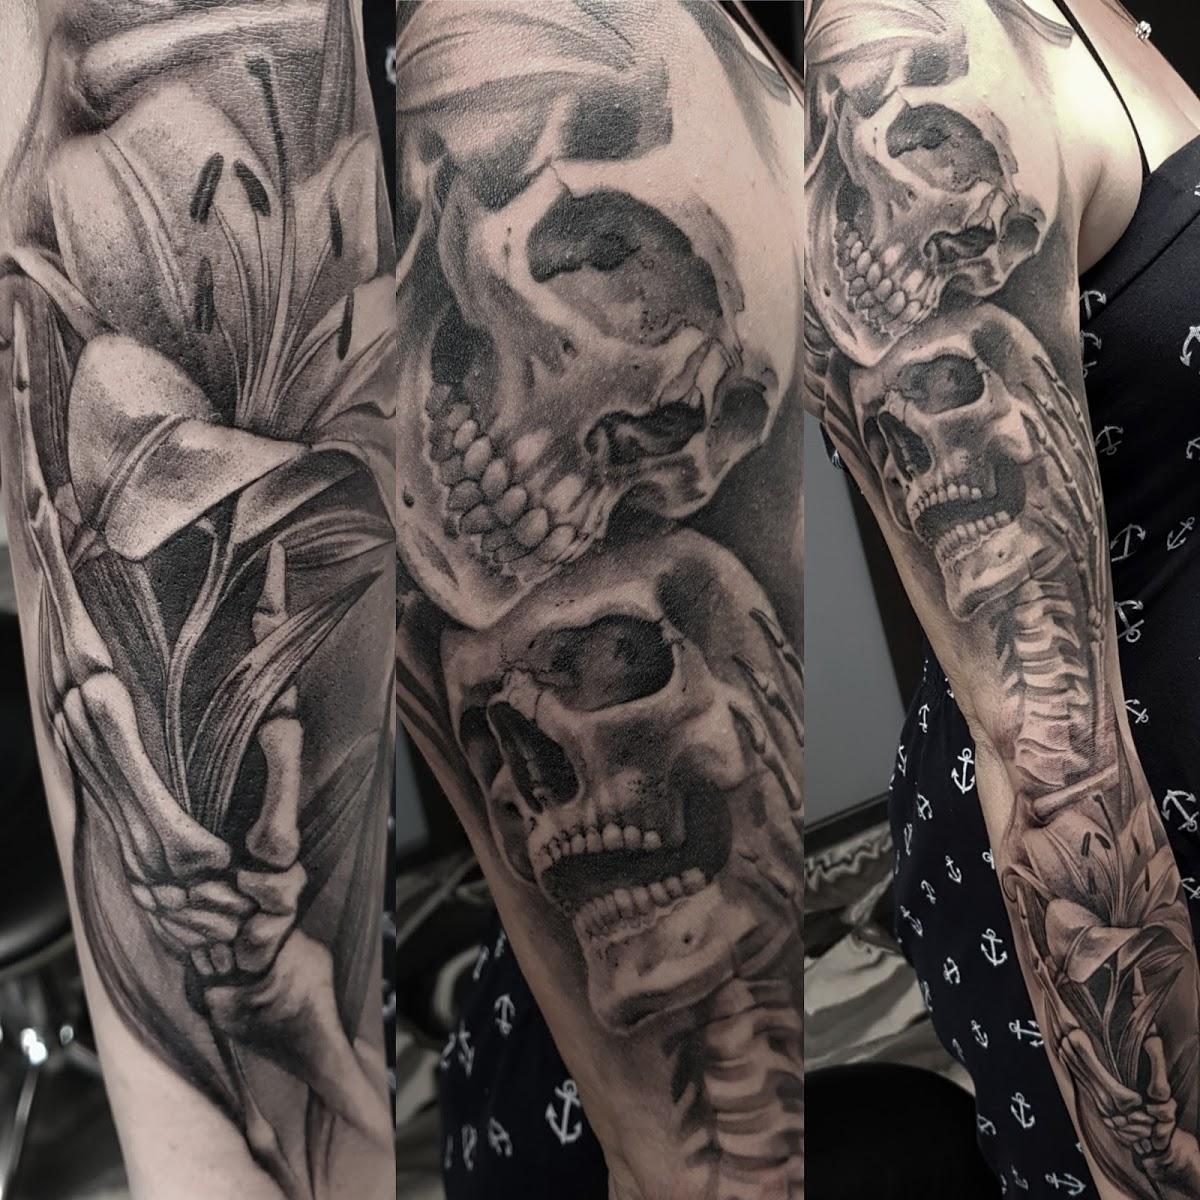 Tattoo-Totenkoepfe